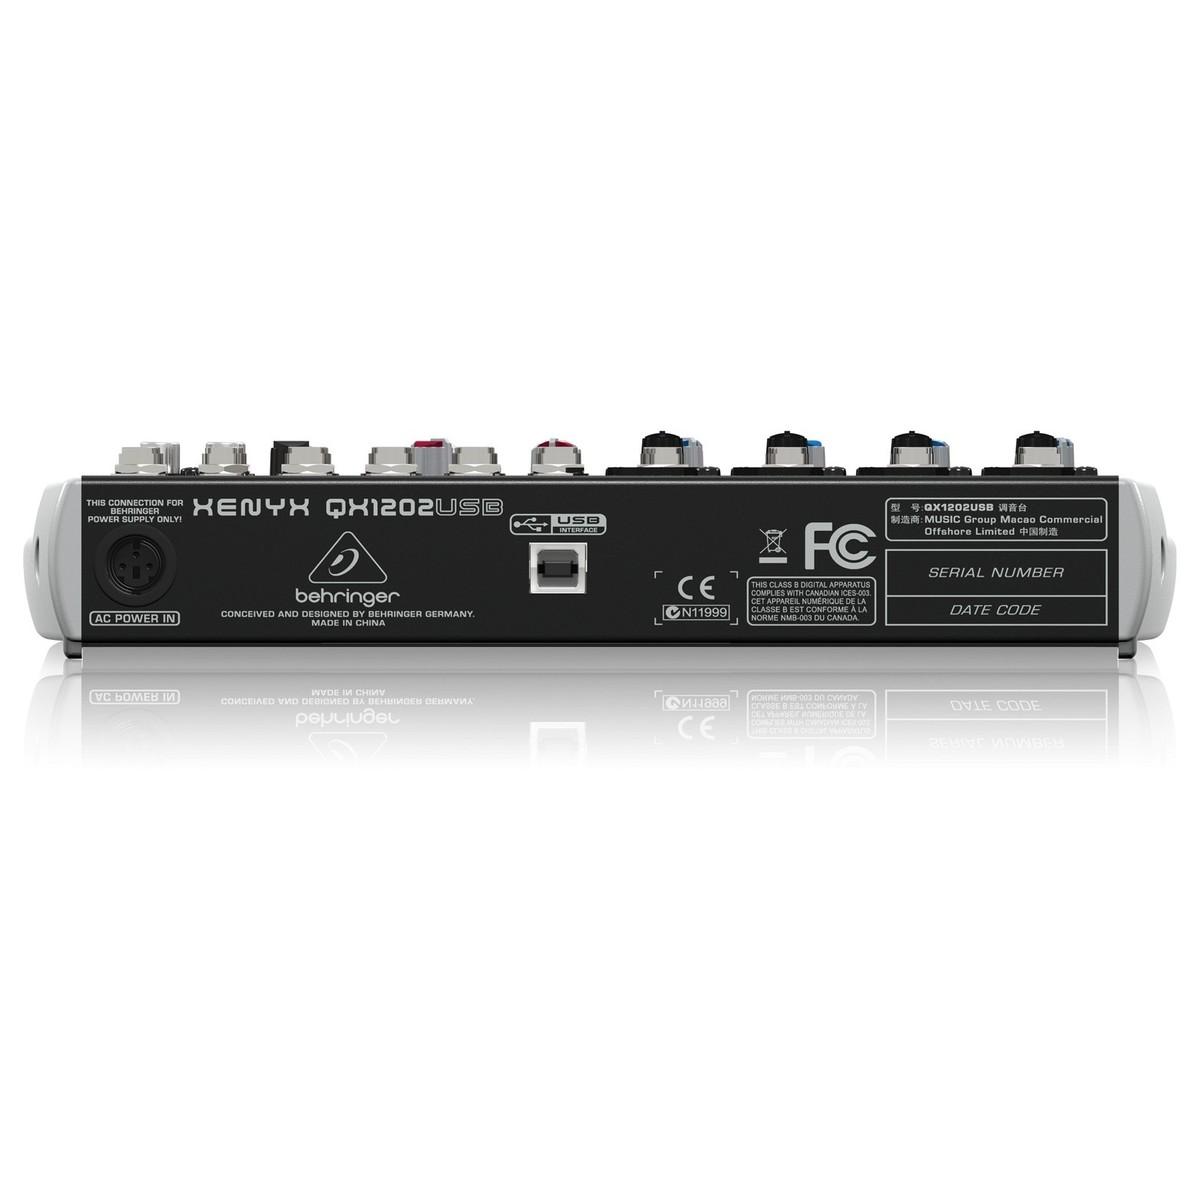 Behringer QX1202 USB - Mixer USB 12 Cổng kèm hiệu ứng - Hàng nhập khẩu